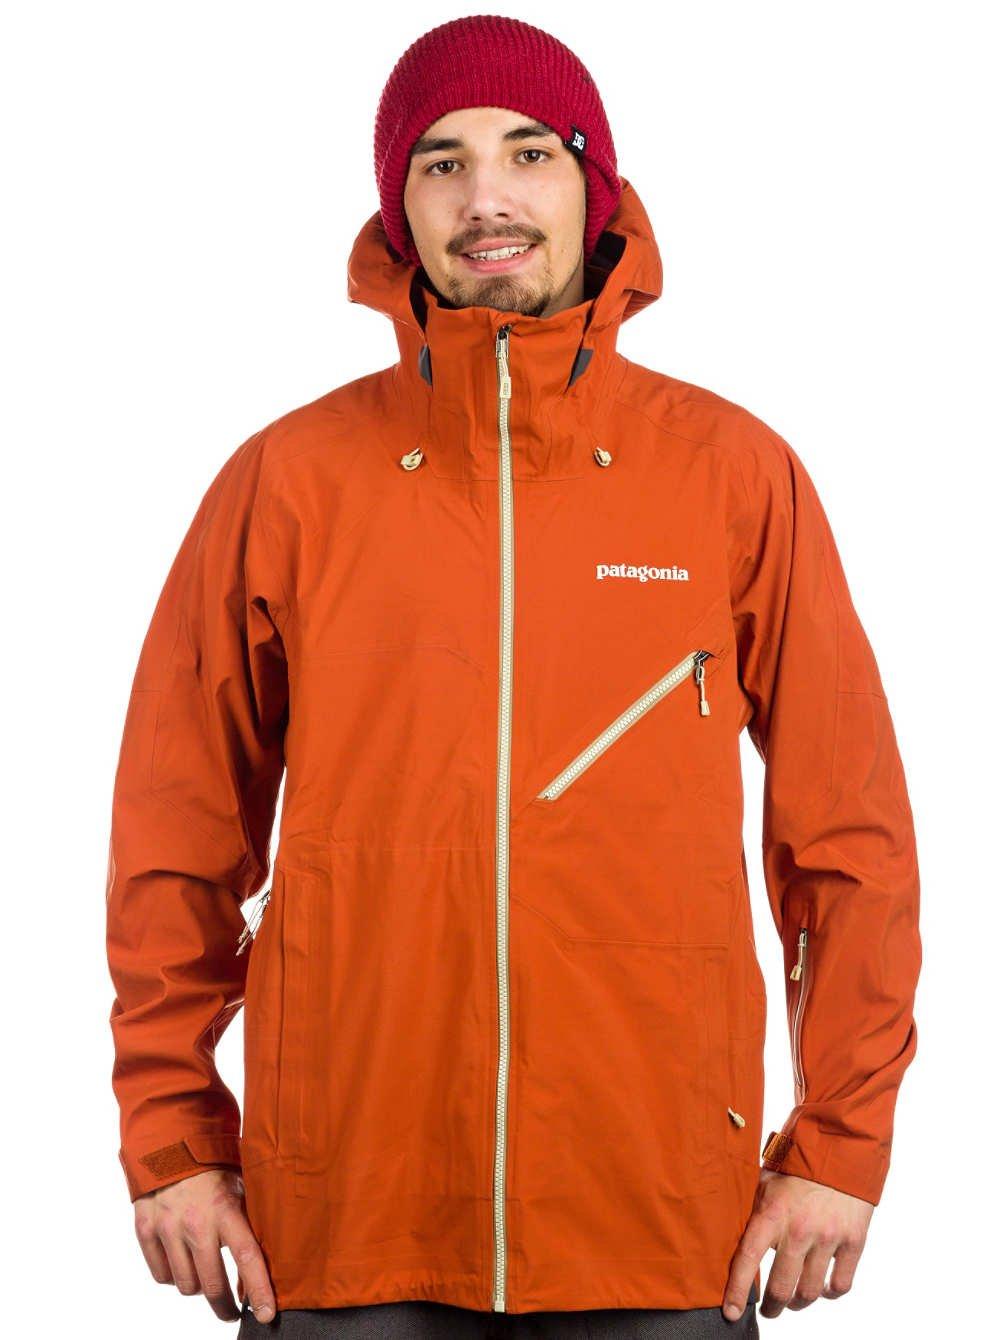 Patagonia Herren Skijacke günstig bestellen